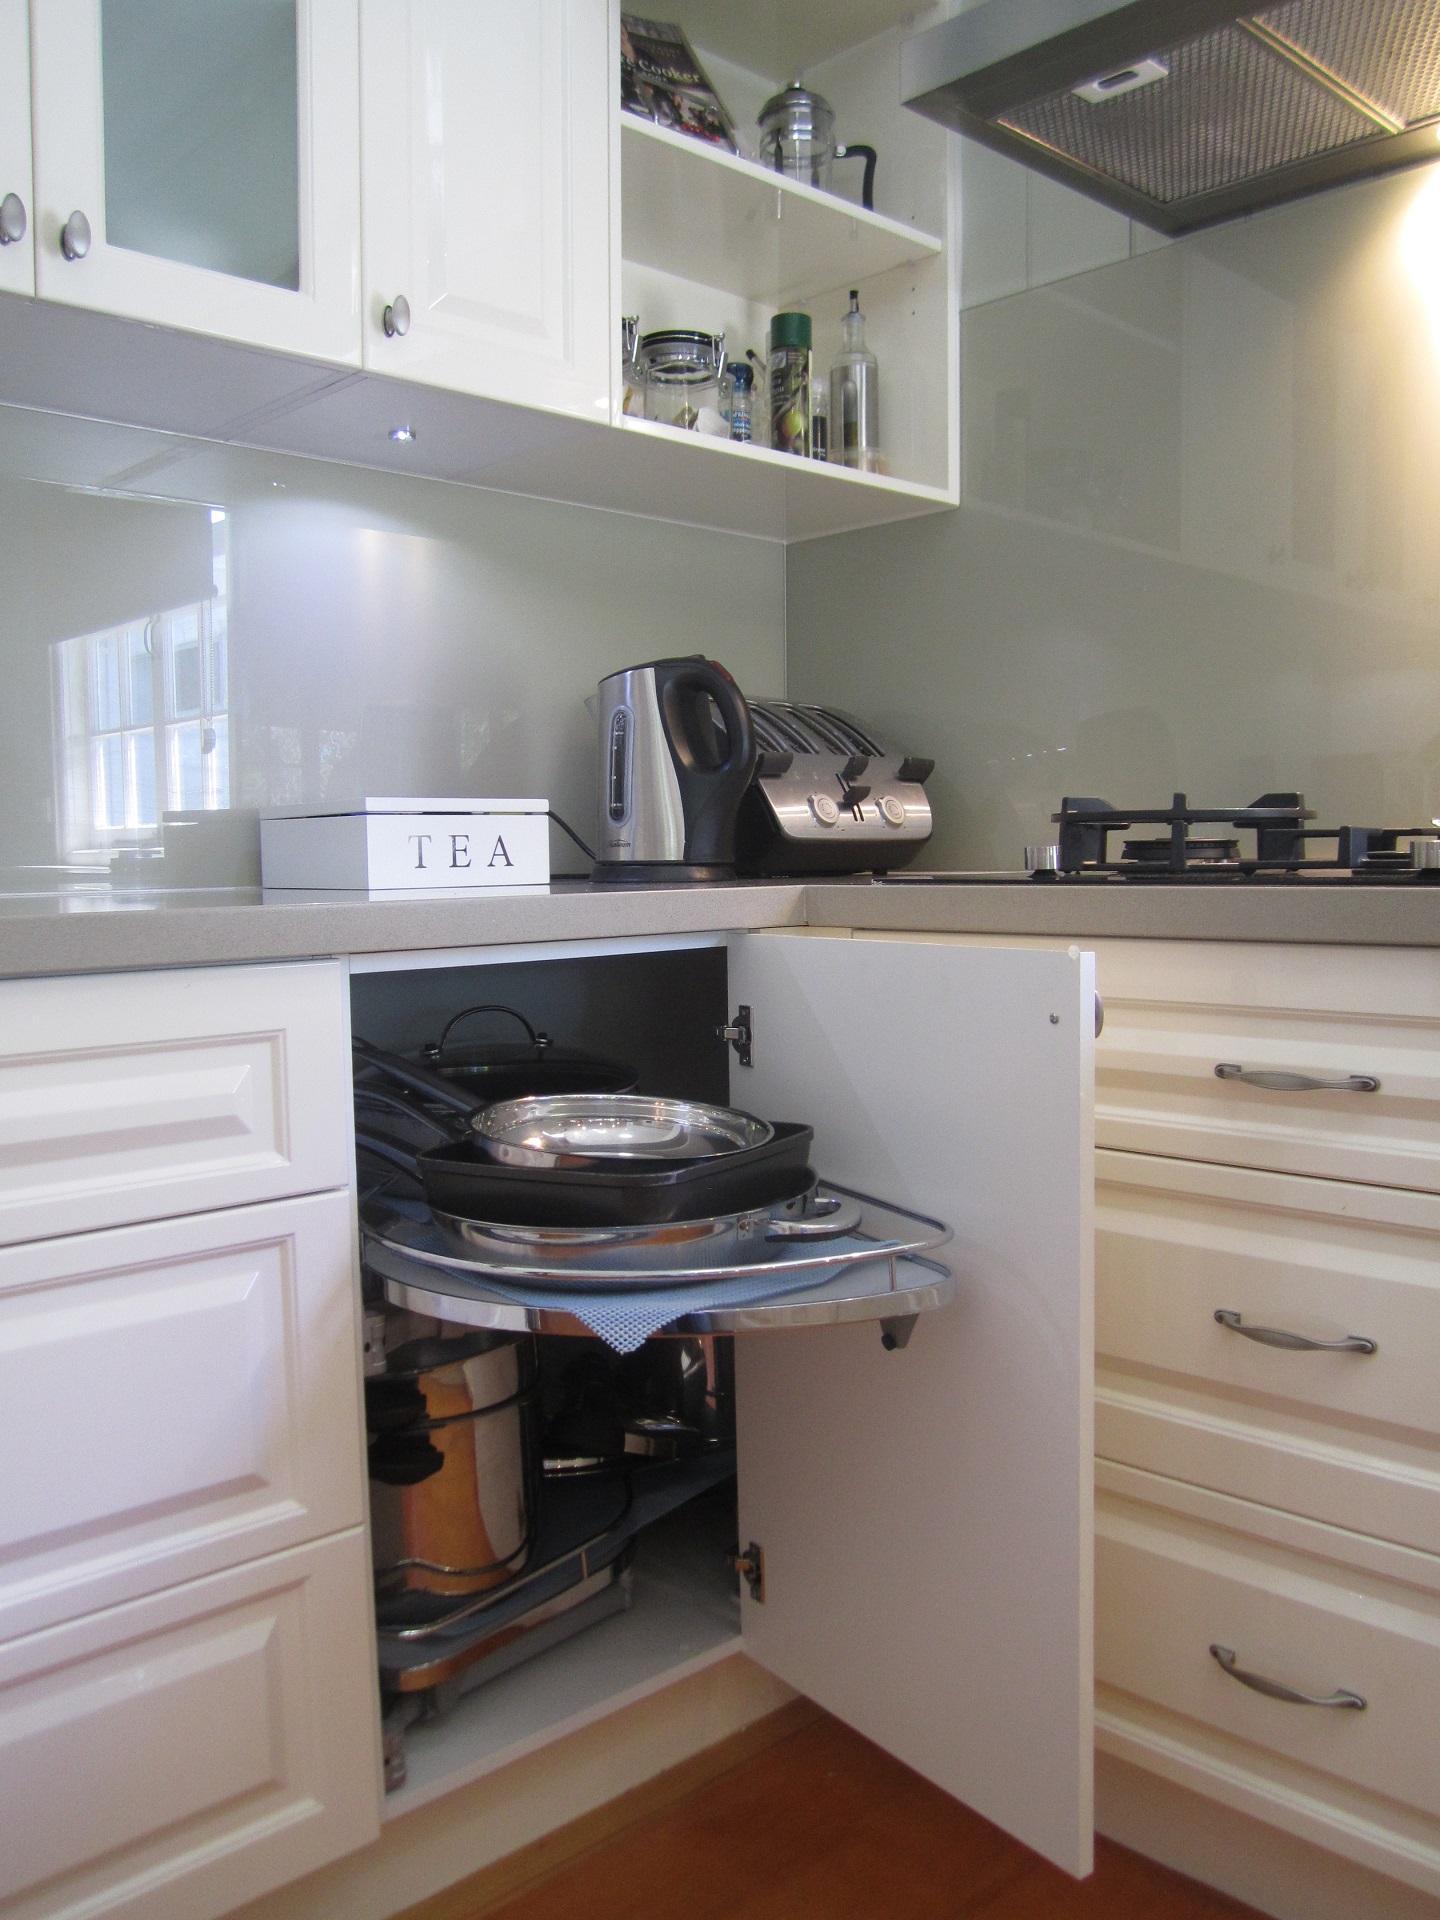 brisbane-kitchen-design-paddington-traditional-kitchen-renovation5